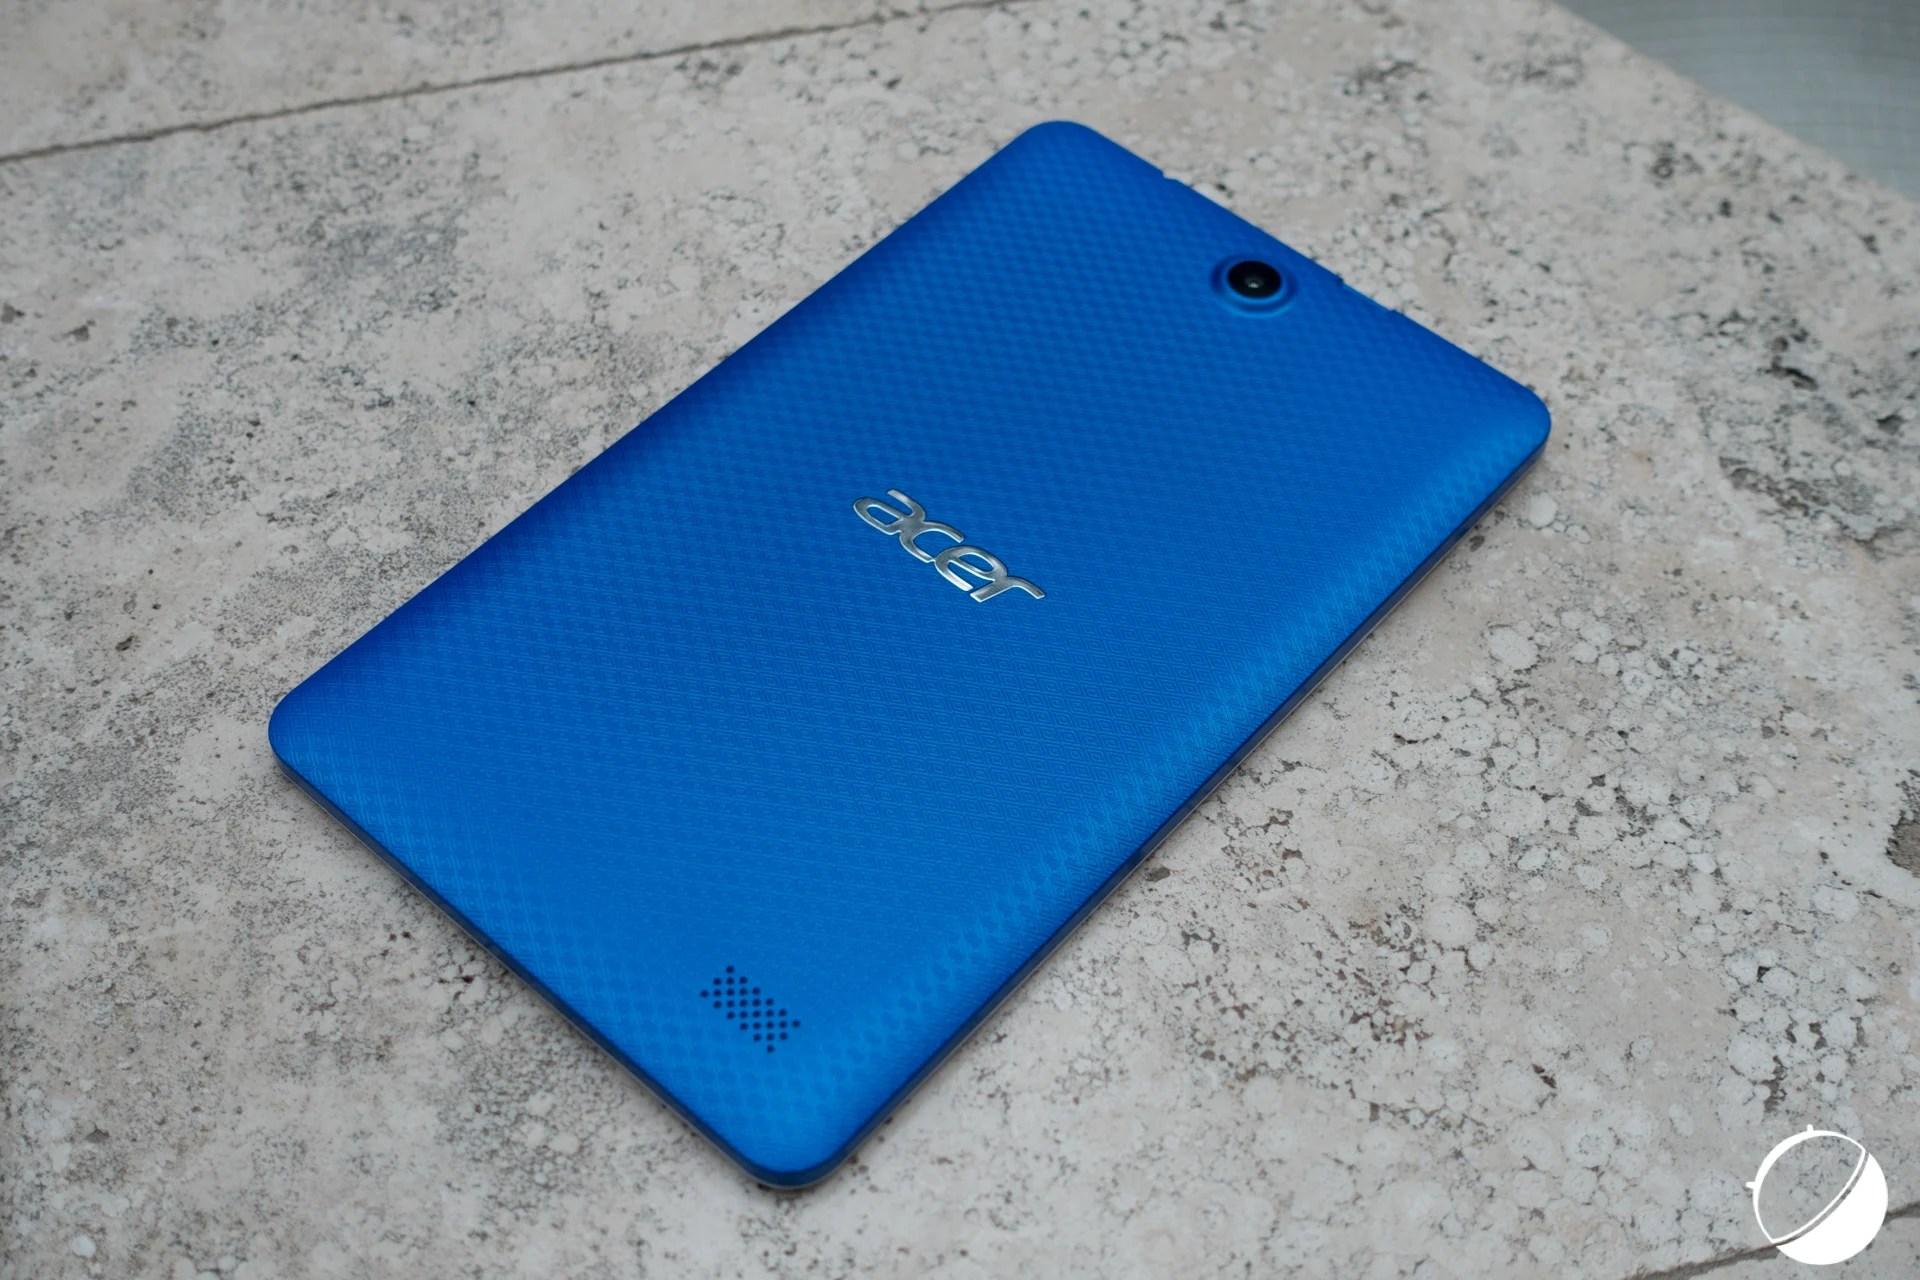 Vidéo : Prise en main de la tablette Acer Iconia One 8